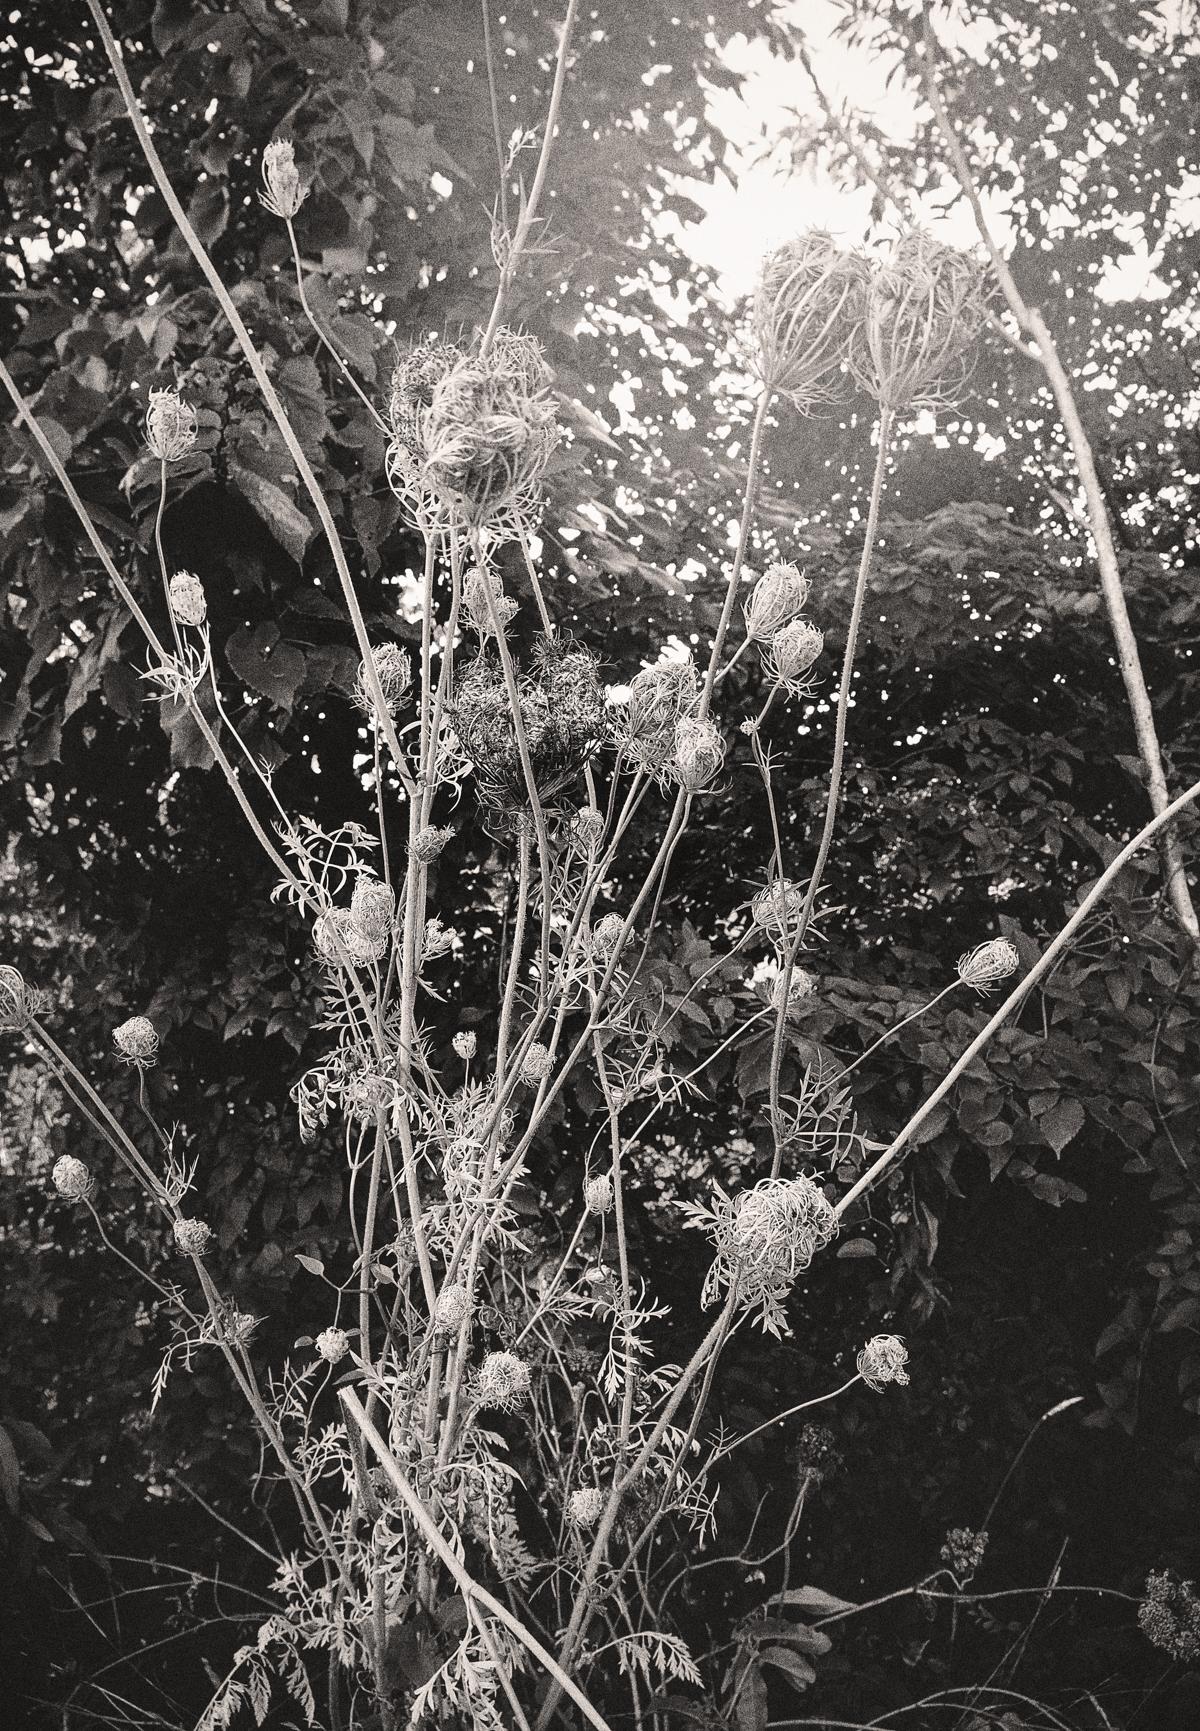 Suffol_Foliage-1.JPG